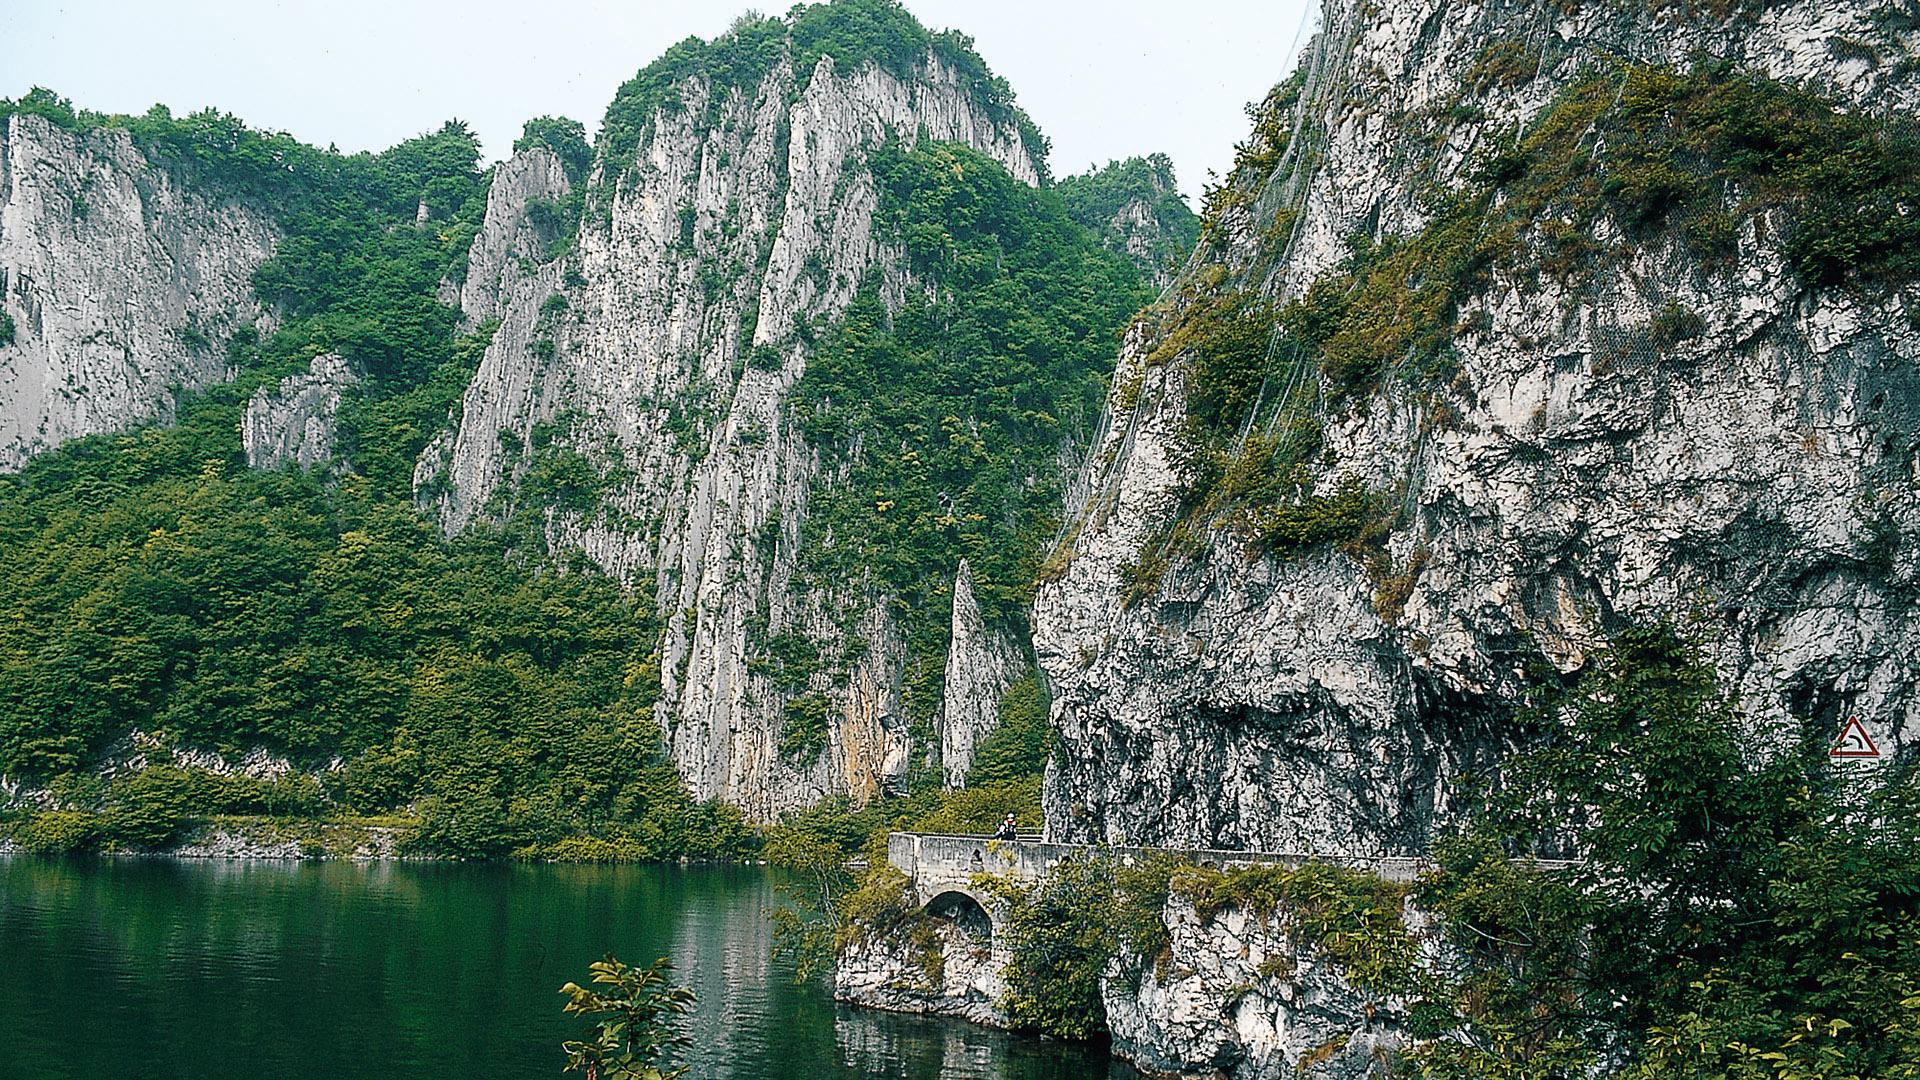 Wasserspiele - Tour 4.1: Lago di Como